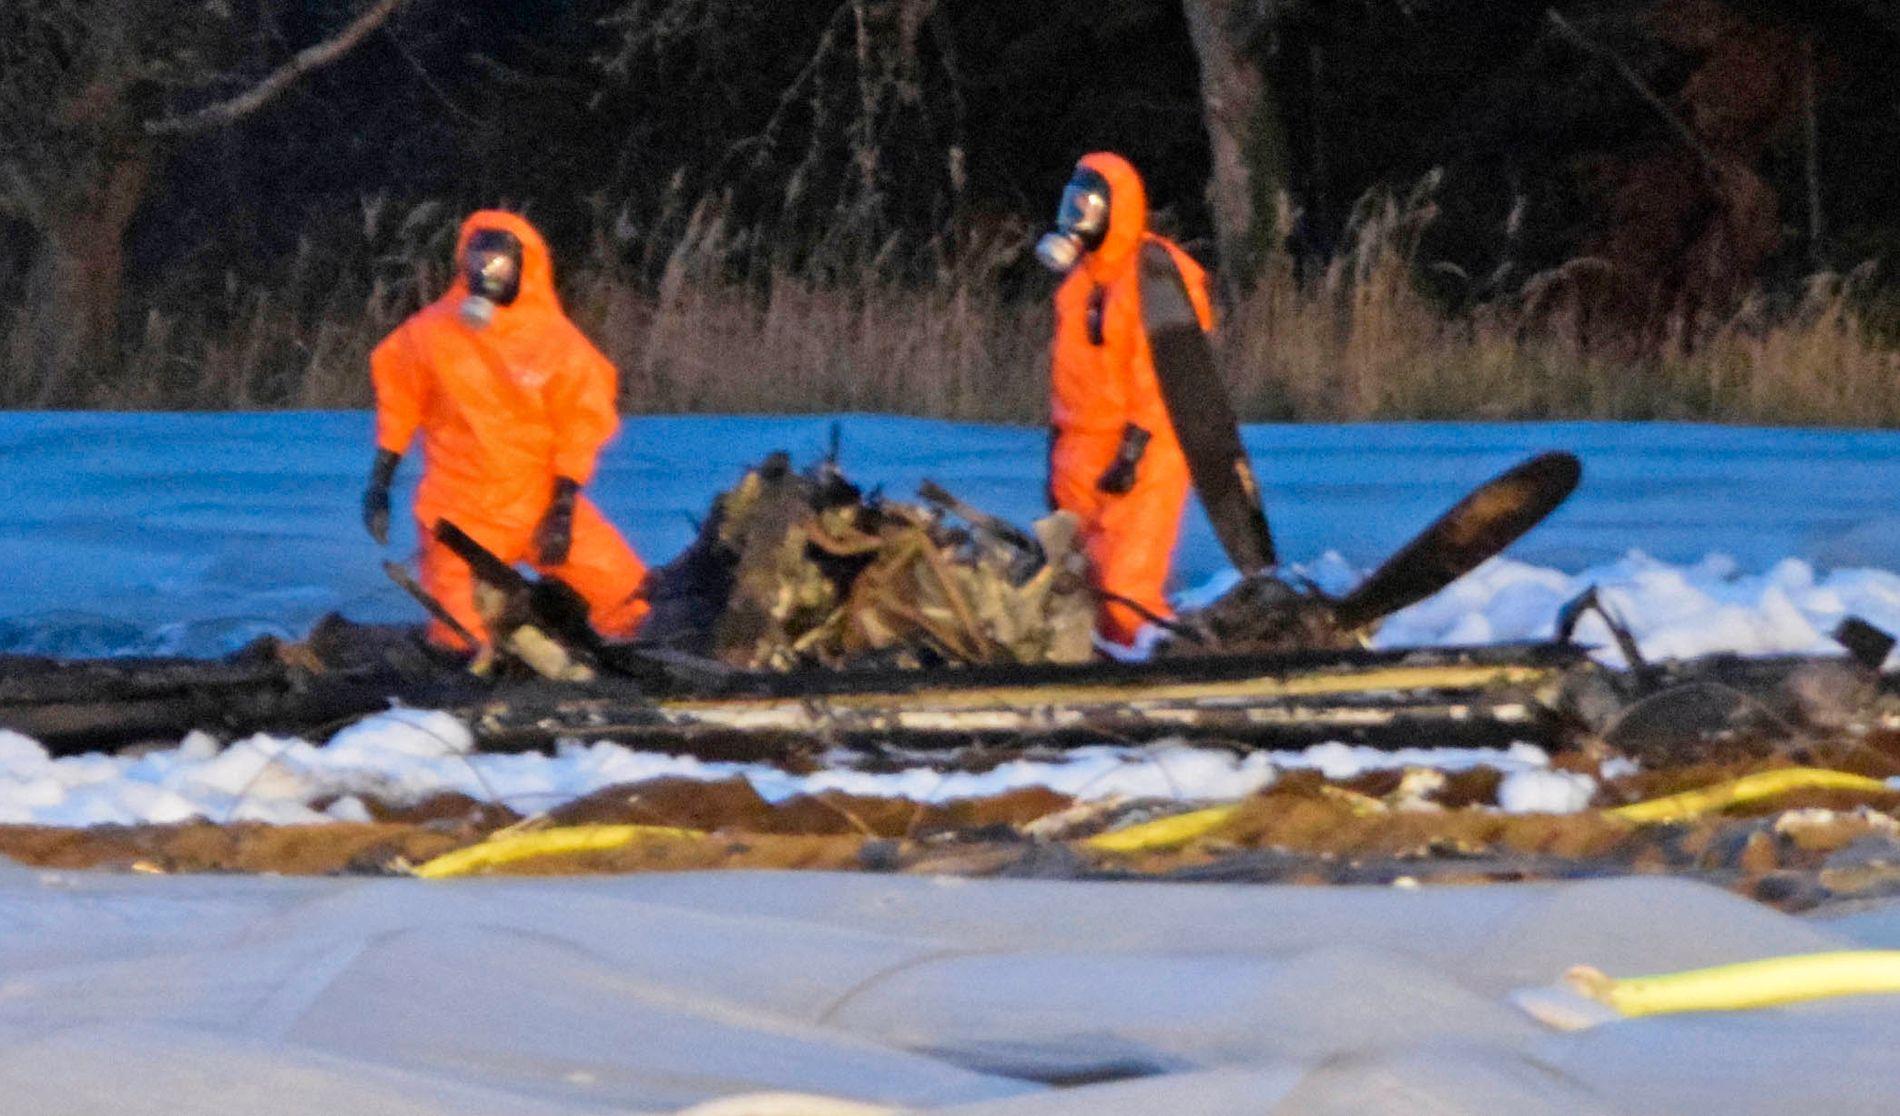 STYRT: Brannmannskaper jobber ved restene av flyet som styrtet i en aspargesåker i Tyskland søndag.